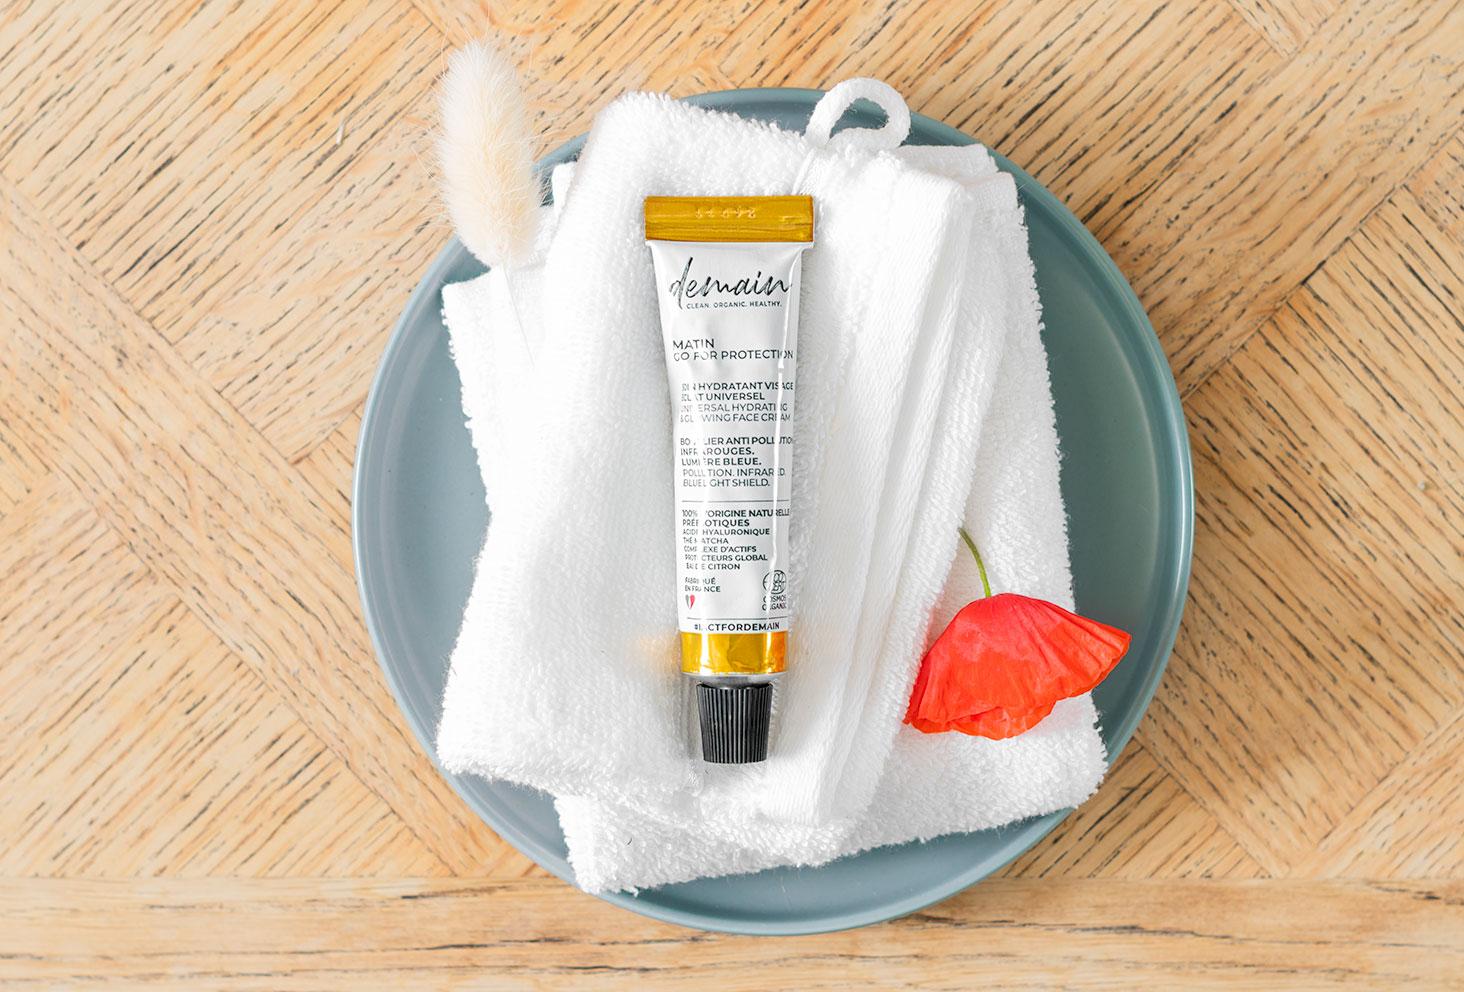 Le soin hydratant de Demain, posé sur une serviette blanche dans une assiette, sur un meuble en bois au milieu de fleurs